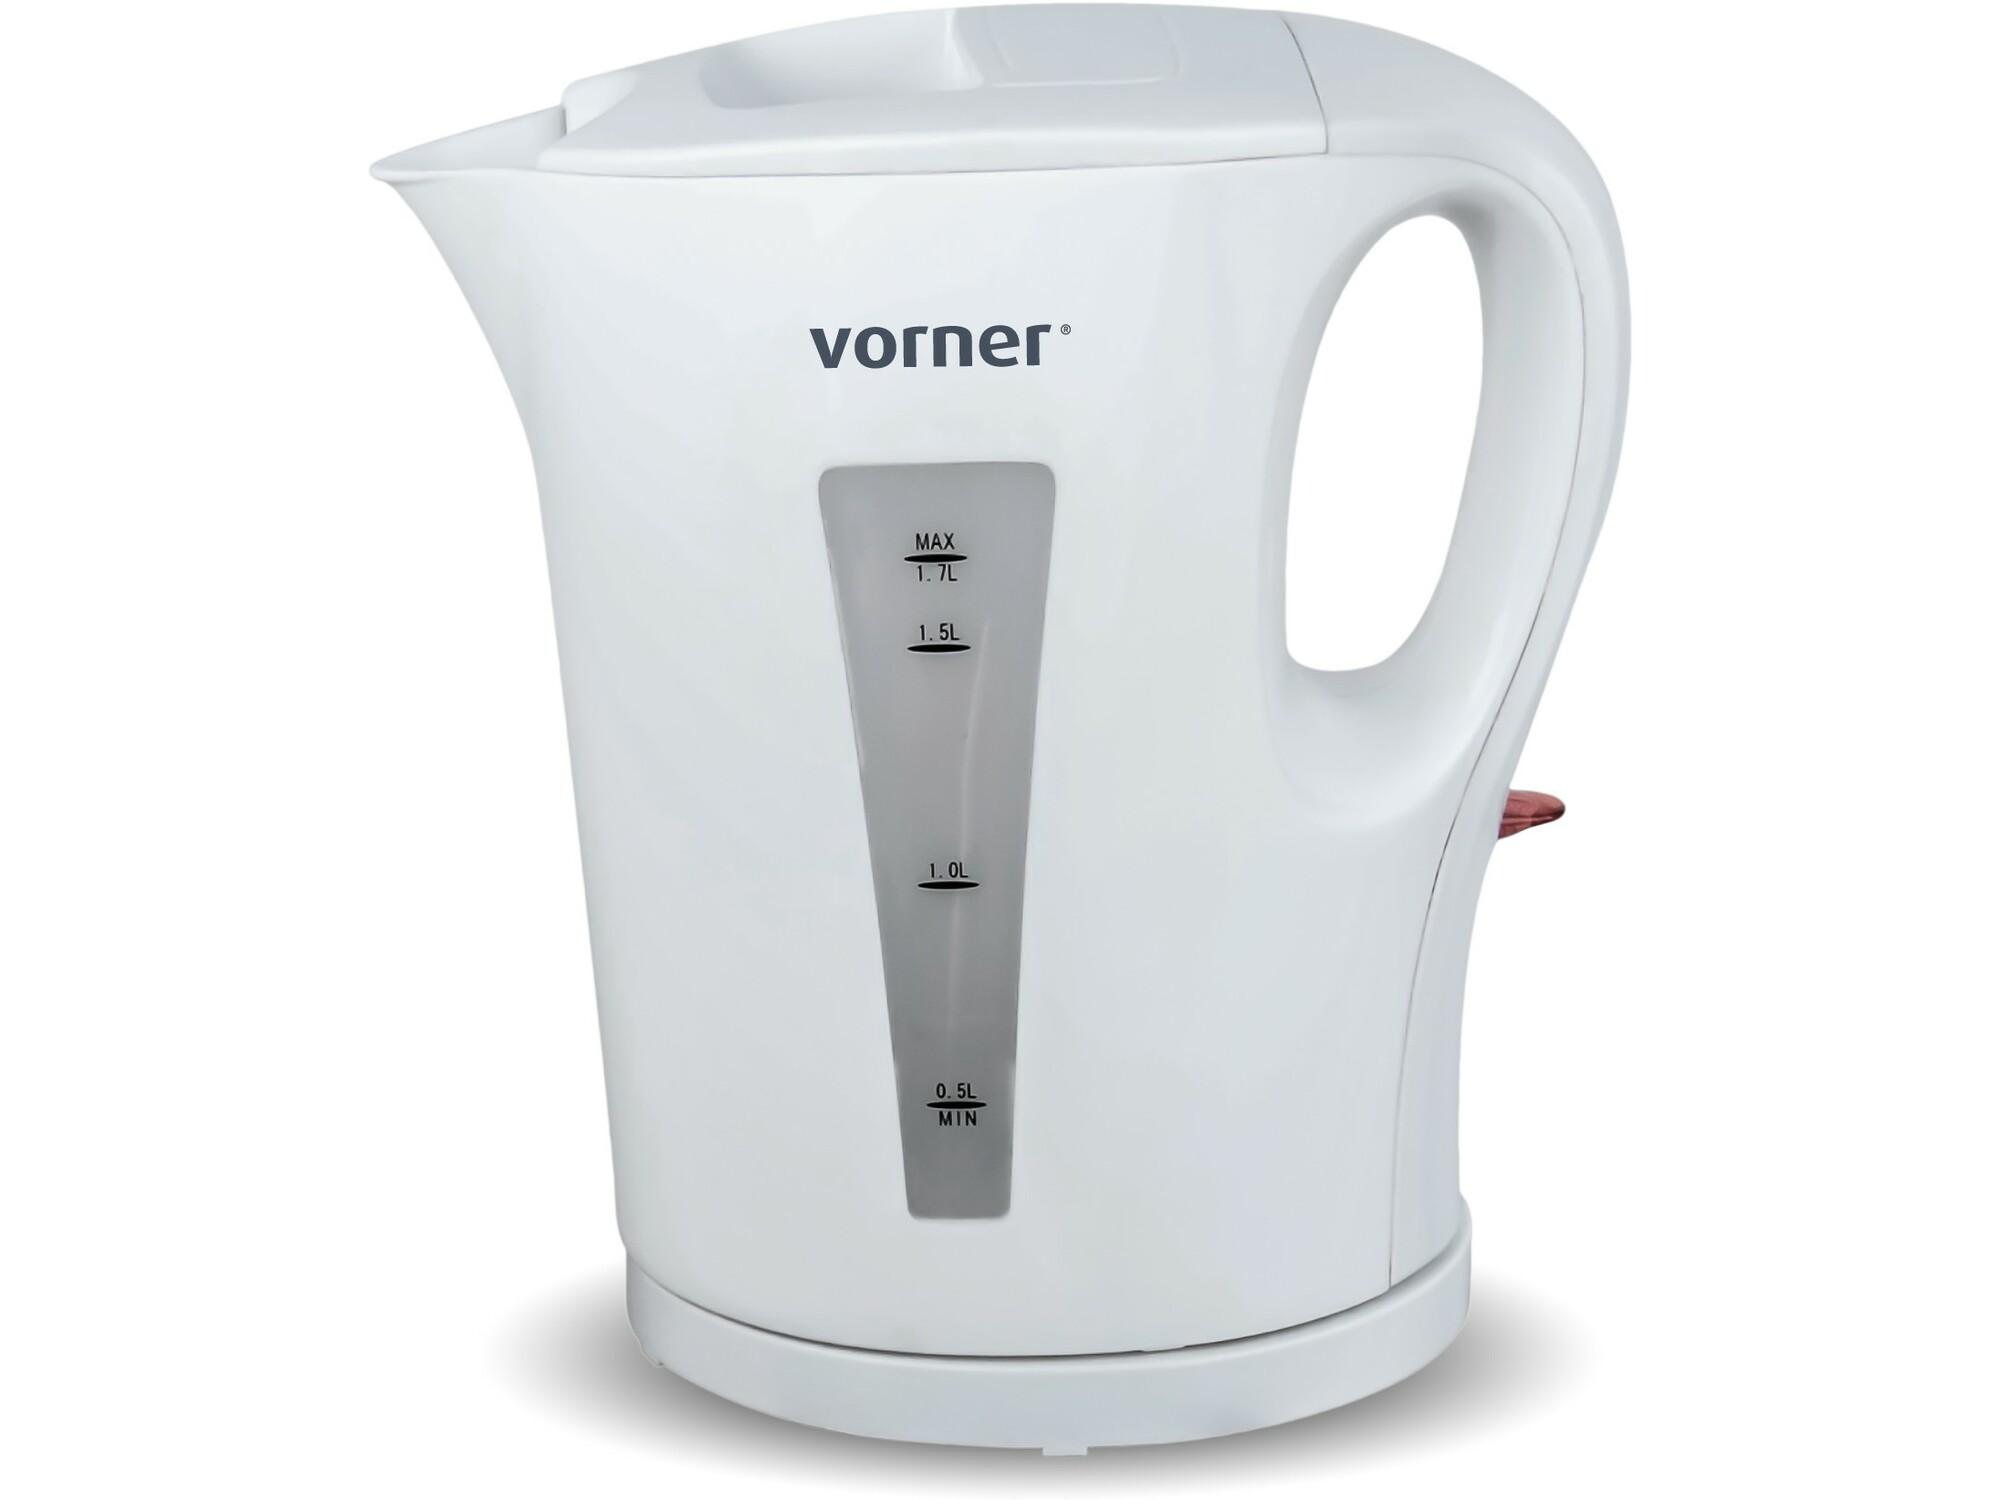 Vorner Električini bokal za vodu VKE-0486